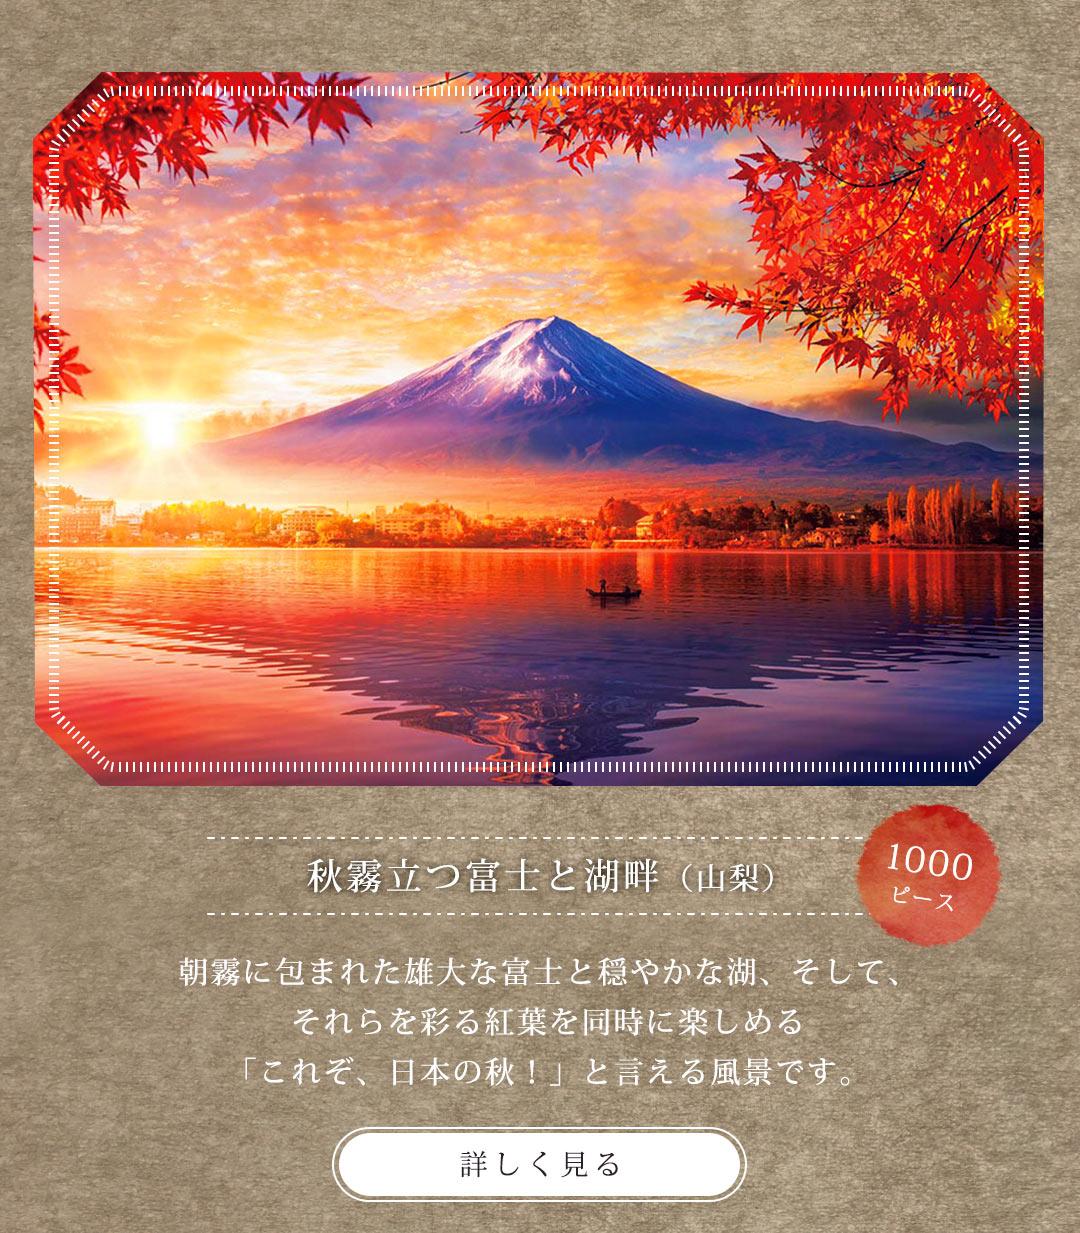 風景 秋霧立つ富士と湖畔 1000ピース